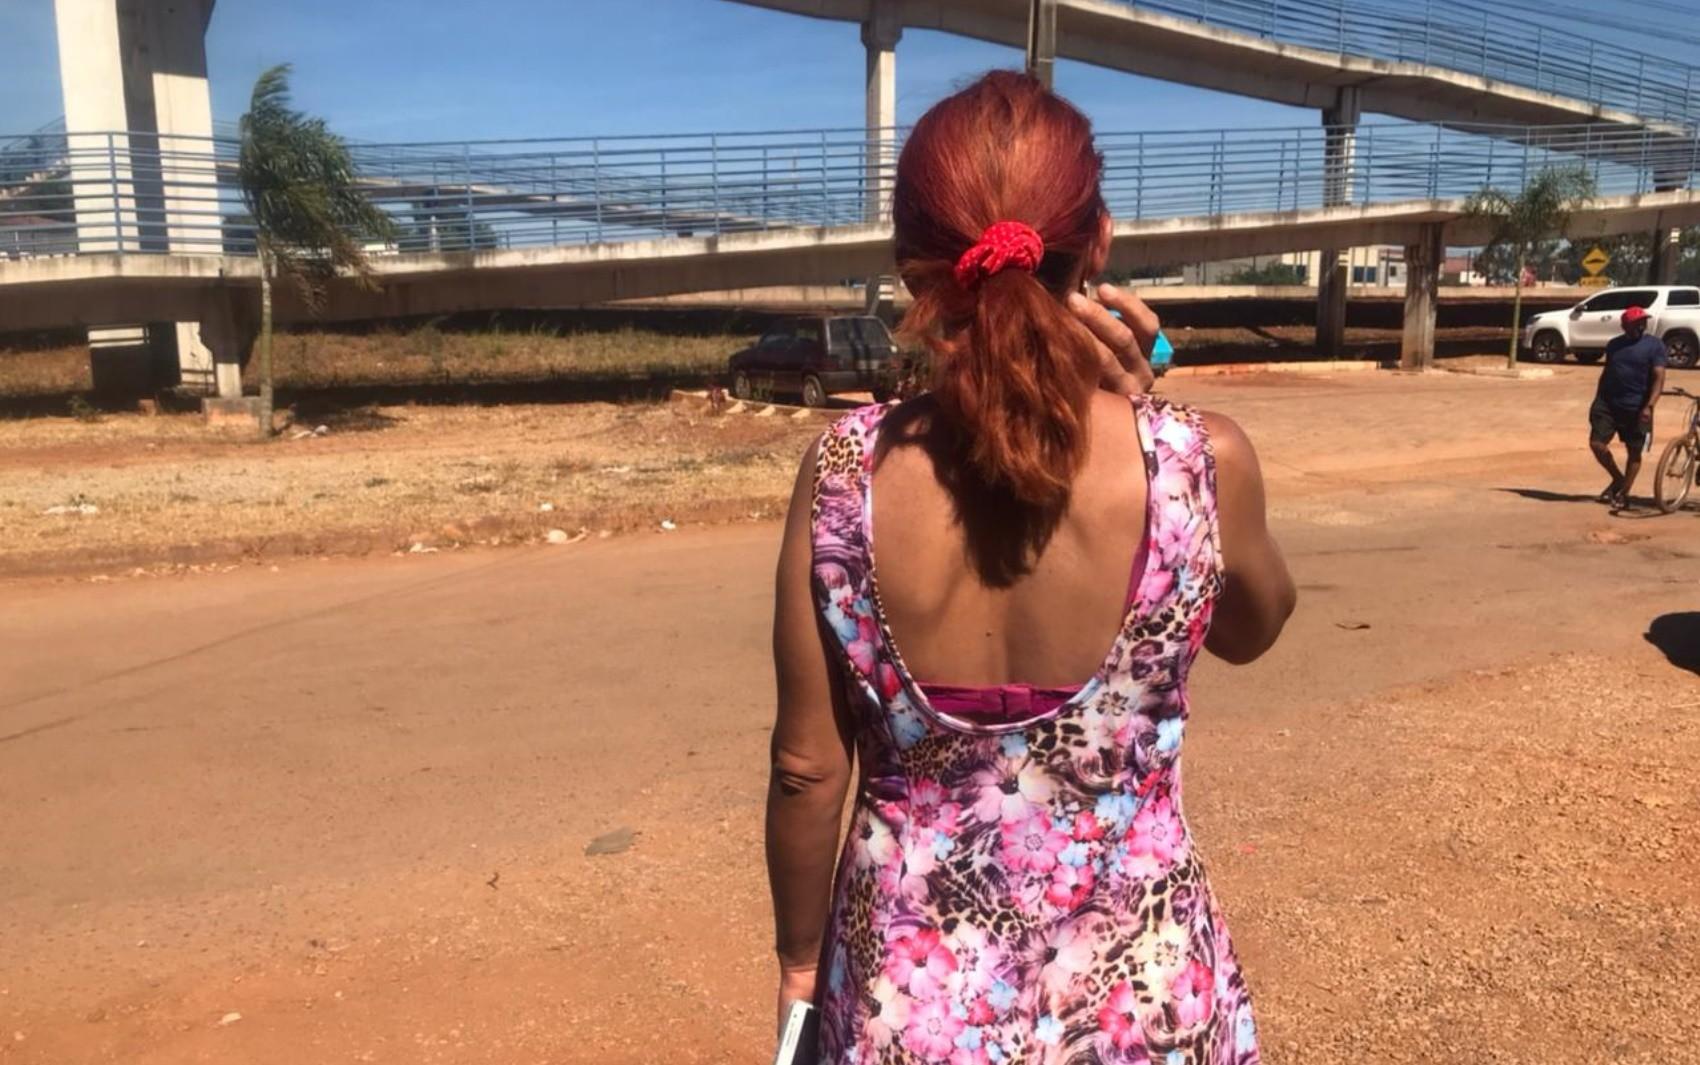 Moradora diz que viu Lázaro Barbosa frente a frente horas antes de tiroteiro: 'Entrei em pânico'